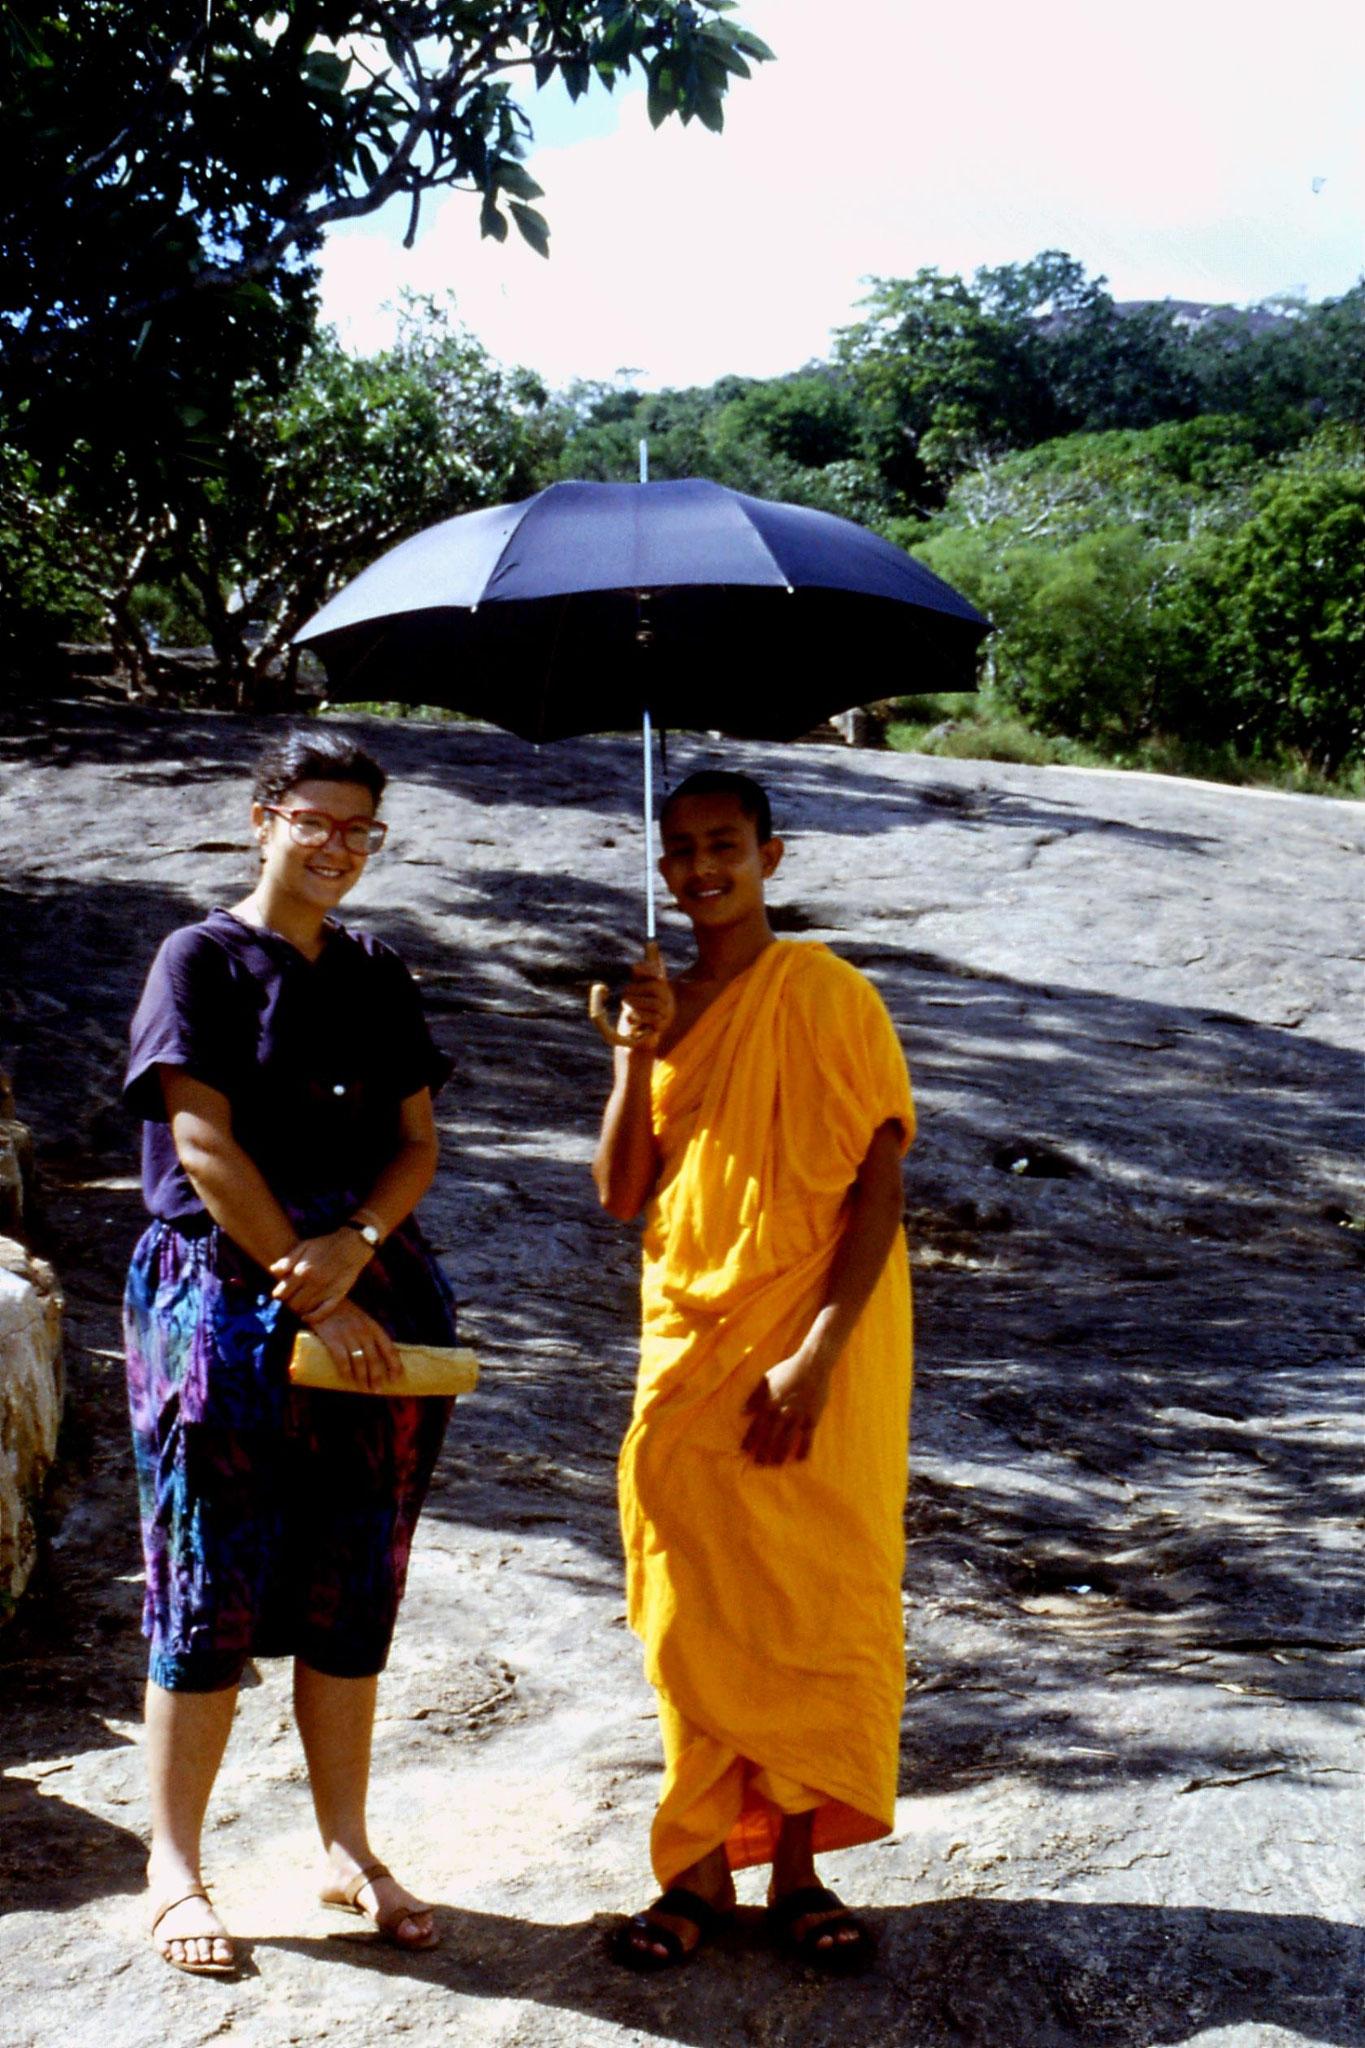 6/2/1990: 27: E and monk